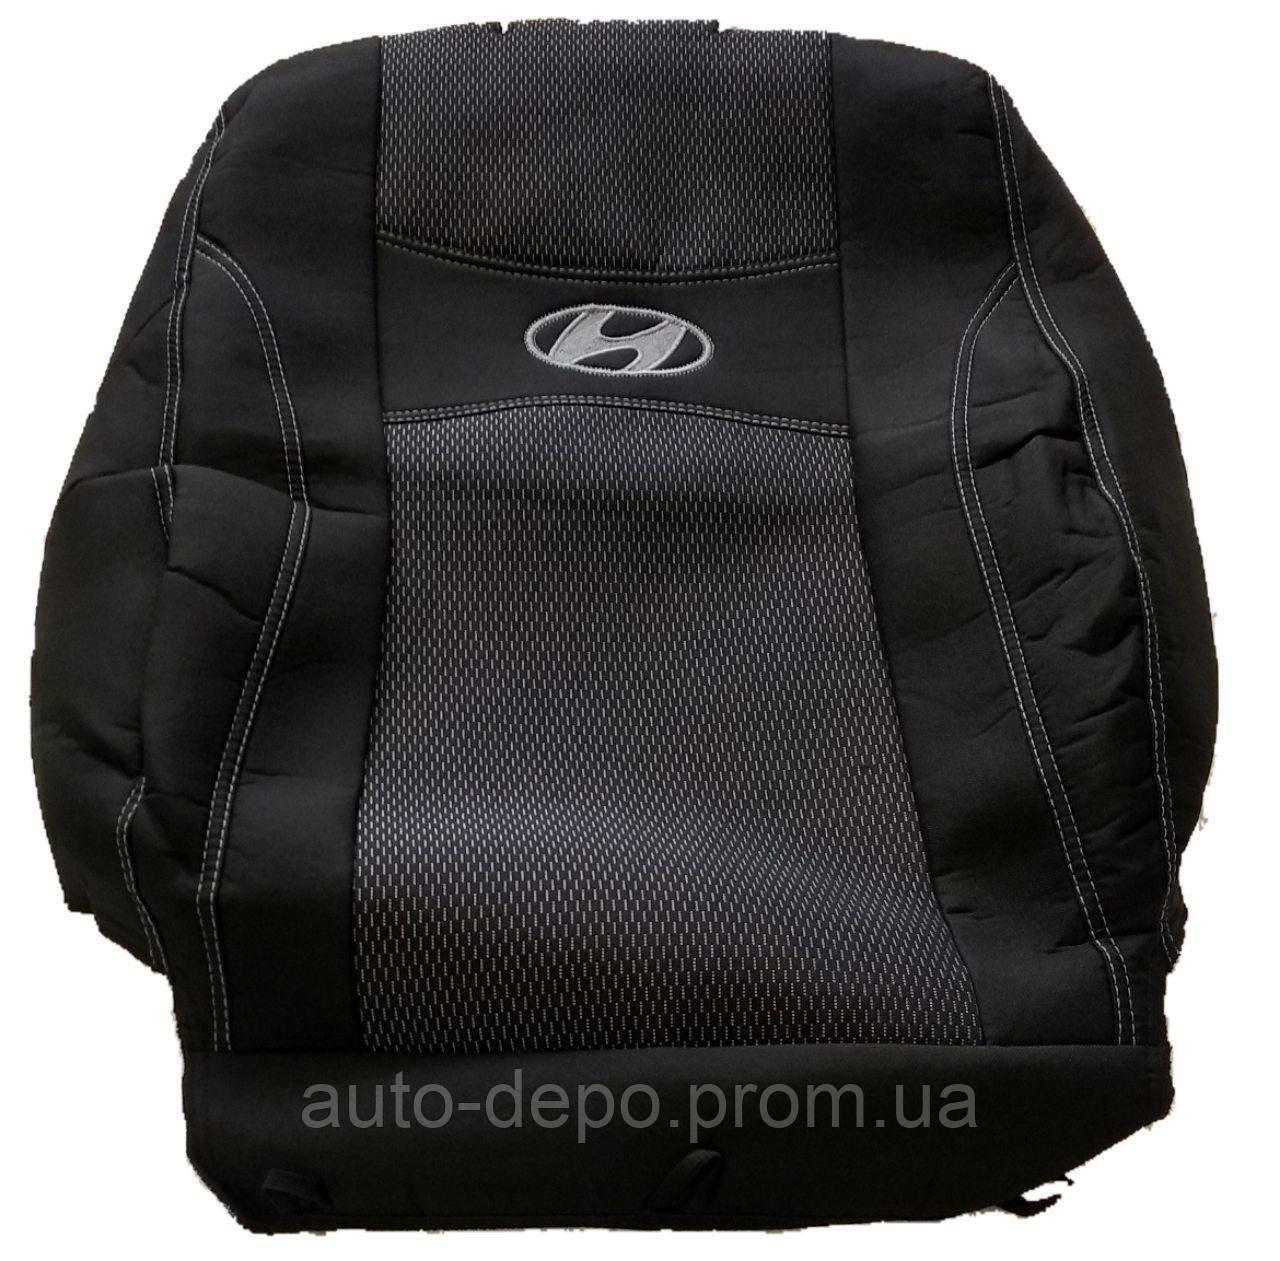 Авточохли на сидіння Хундай Санта Фе СМ з 2006-2012 р. в. Авточохли Hyundai Santa Fe CM 2006-2012 5 місць Nika